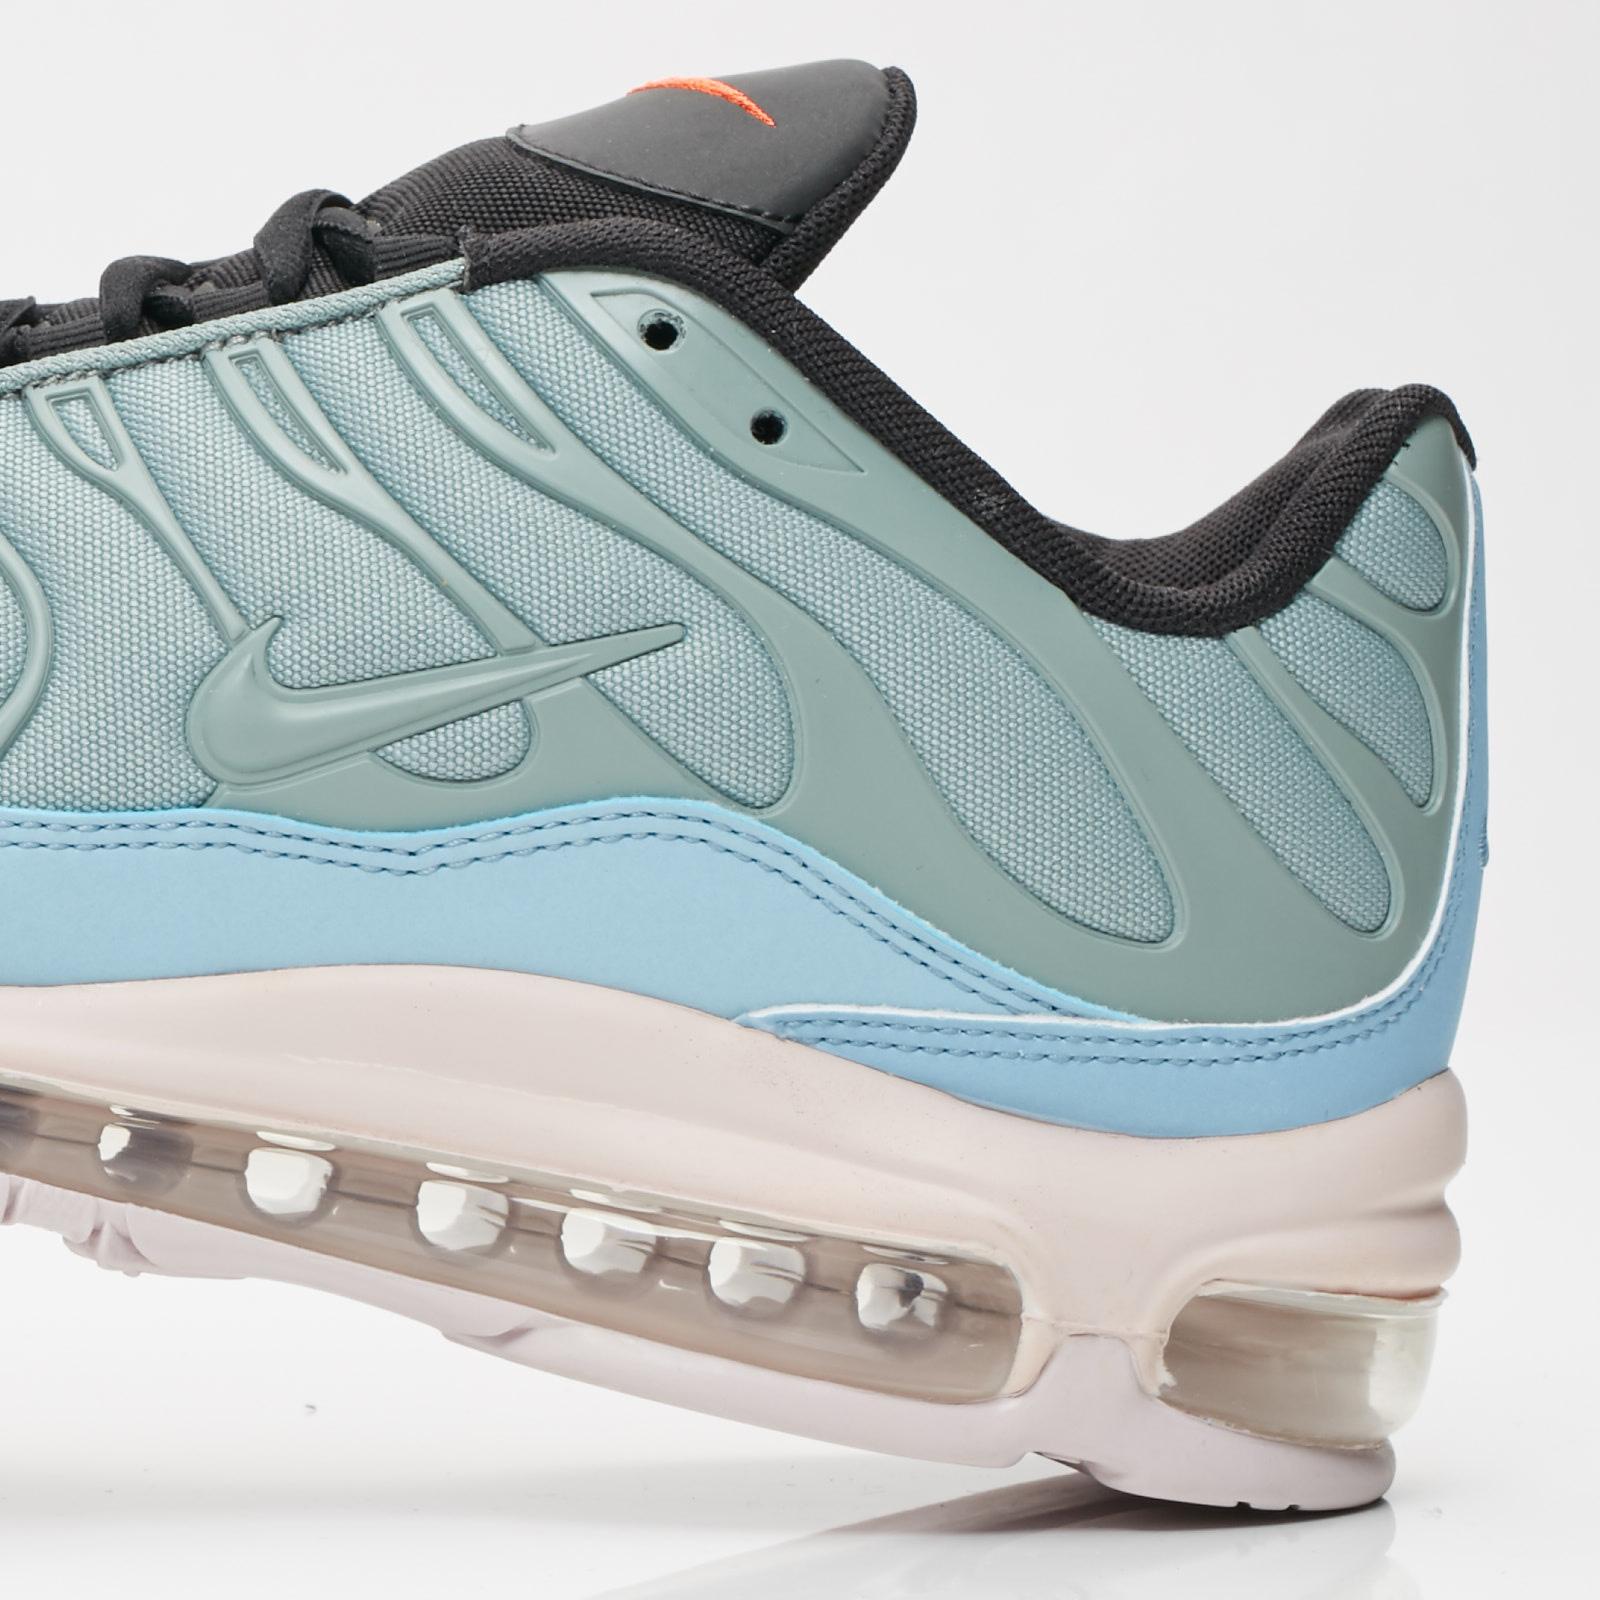 Nike Air Max 97 Plus Ah8144 300 Sneakersnstuff